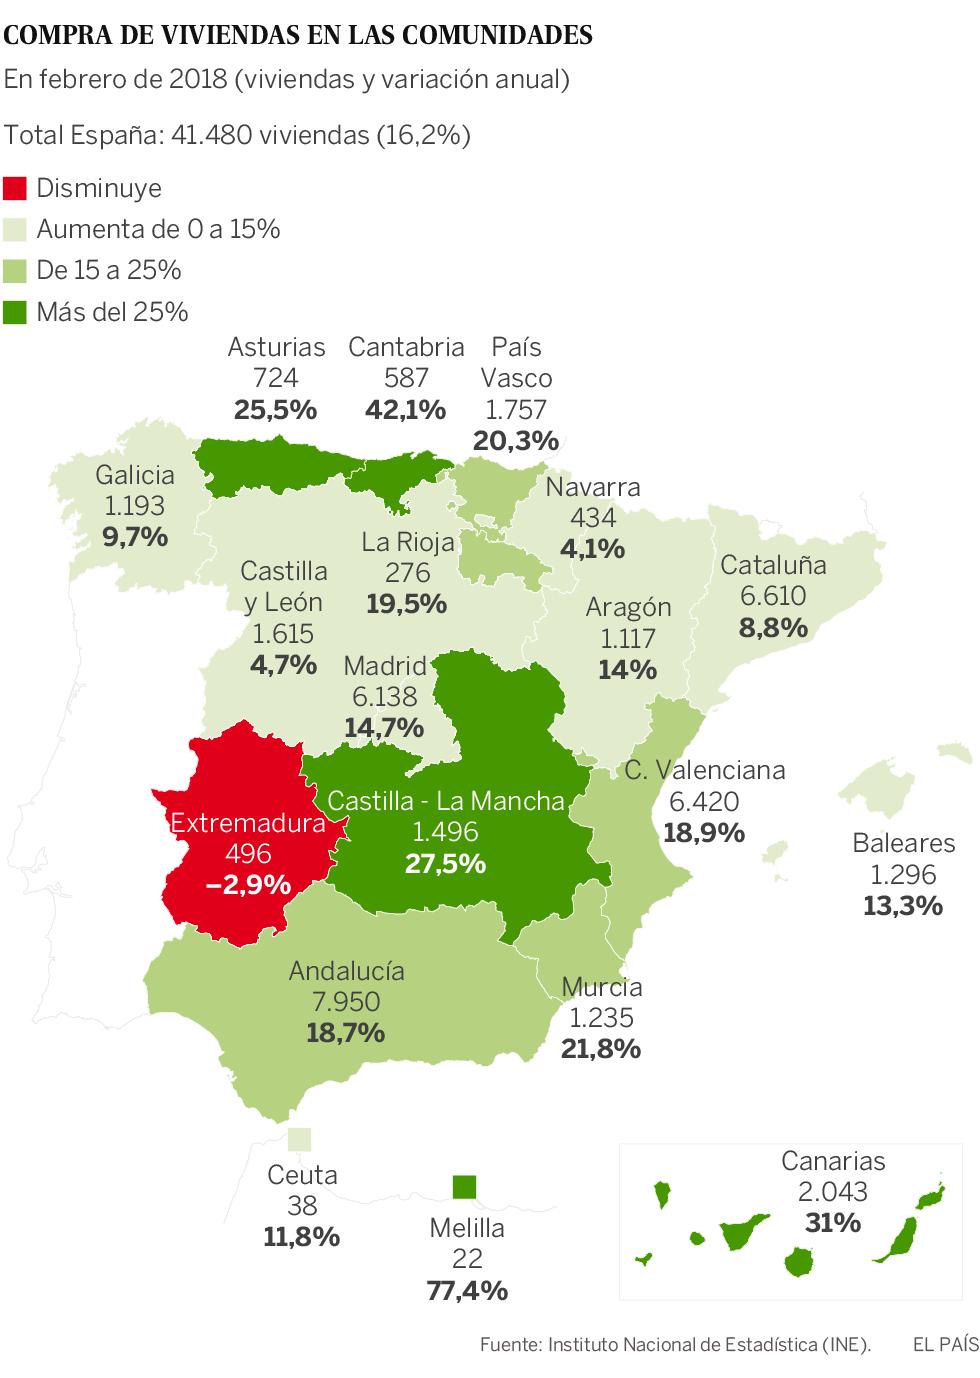 La compra de viviendas en espa a sigue disparada subi un for Compra de casas en madrid